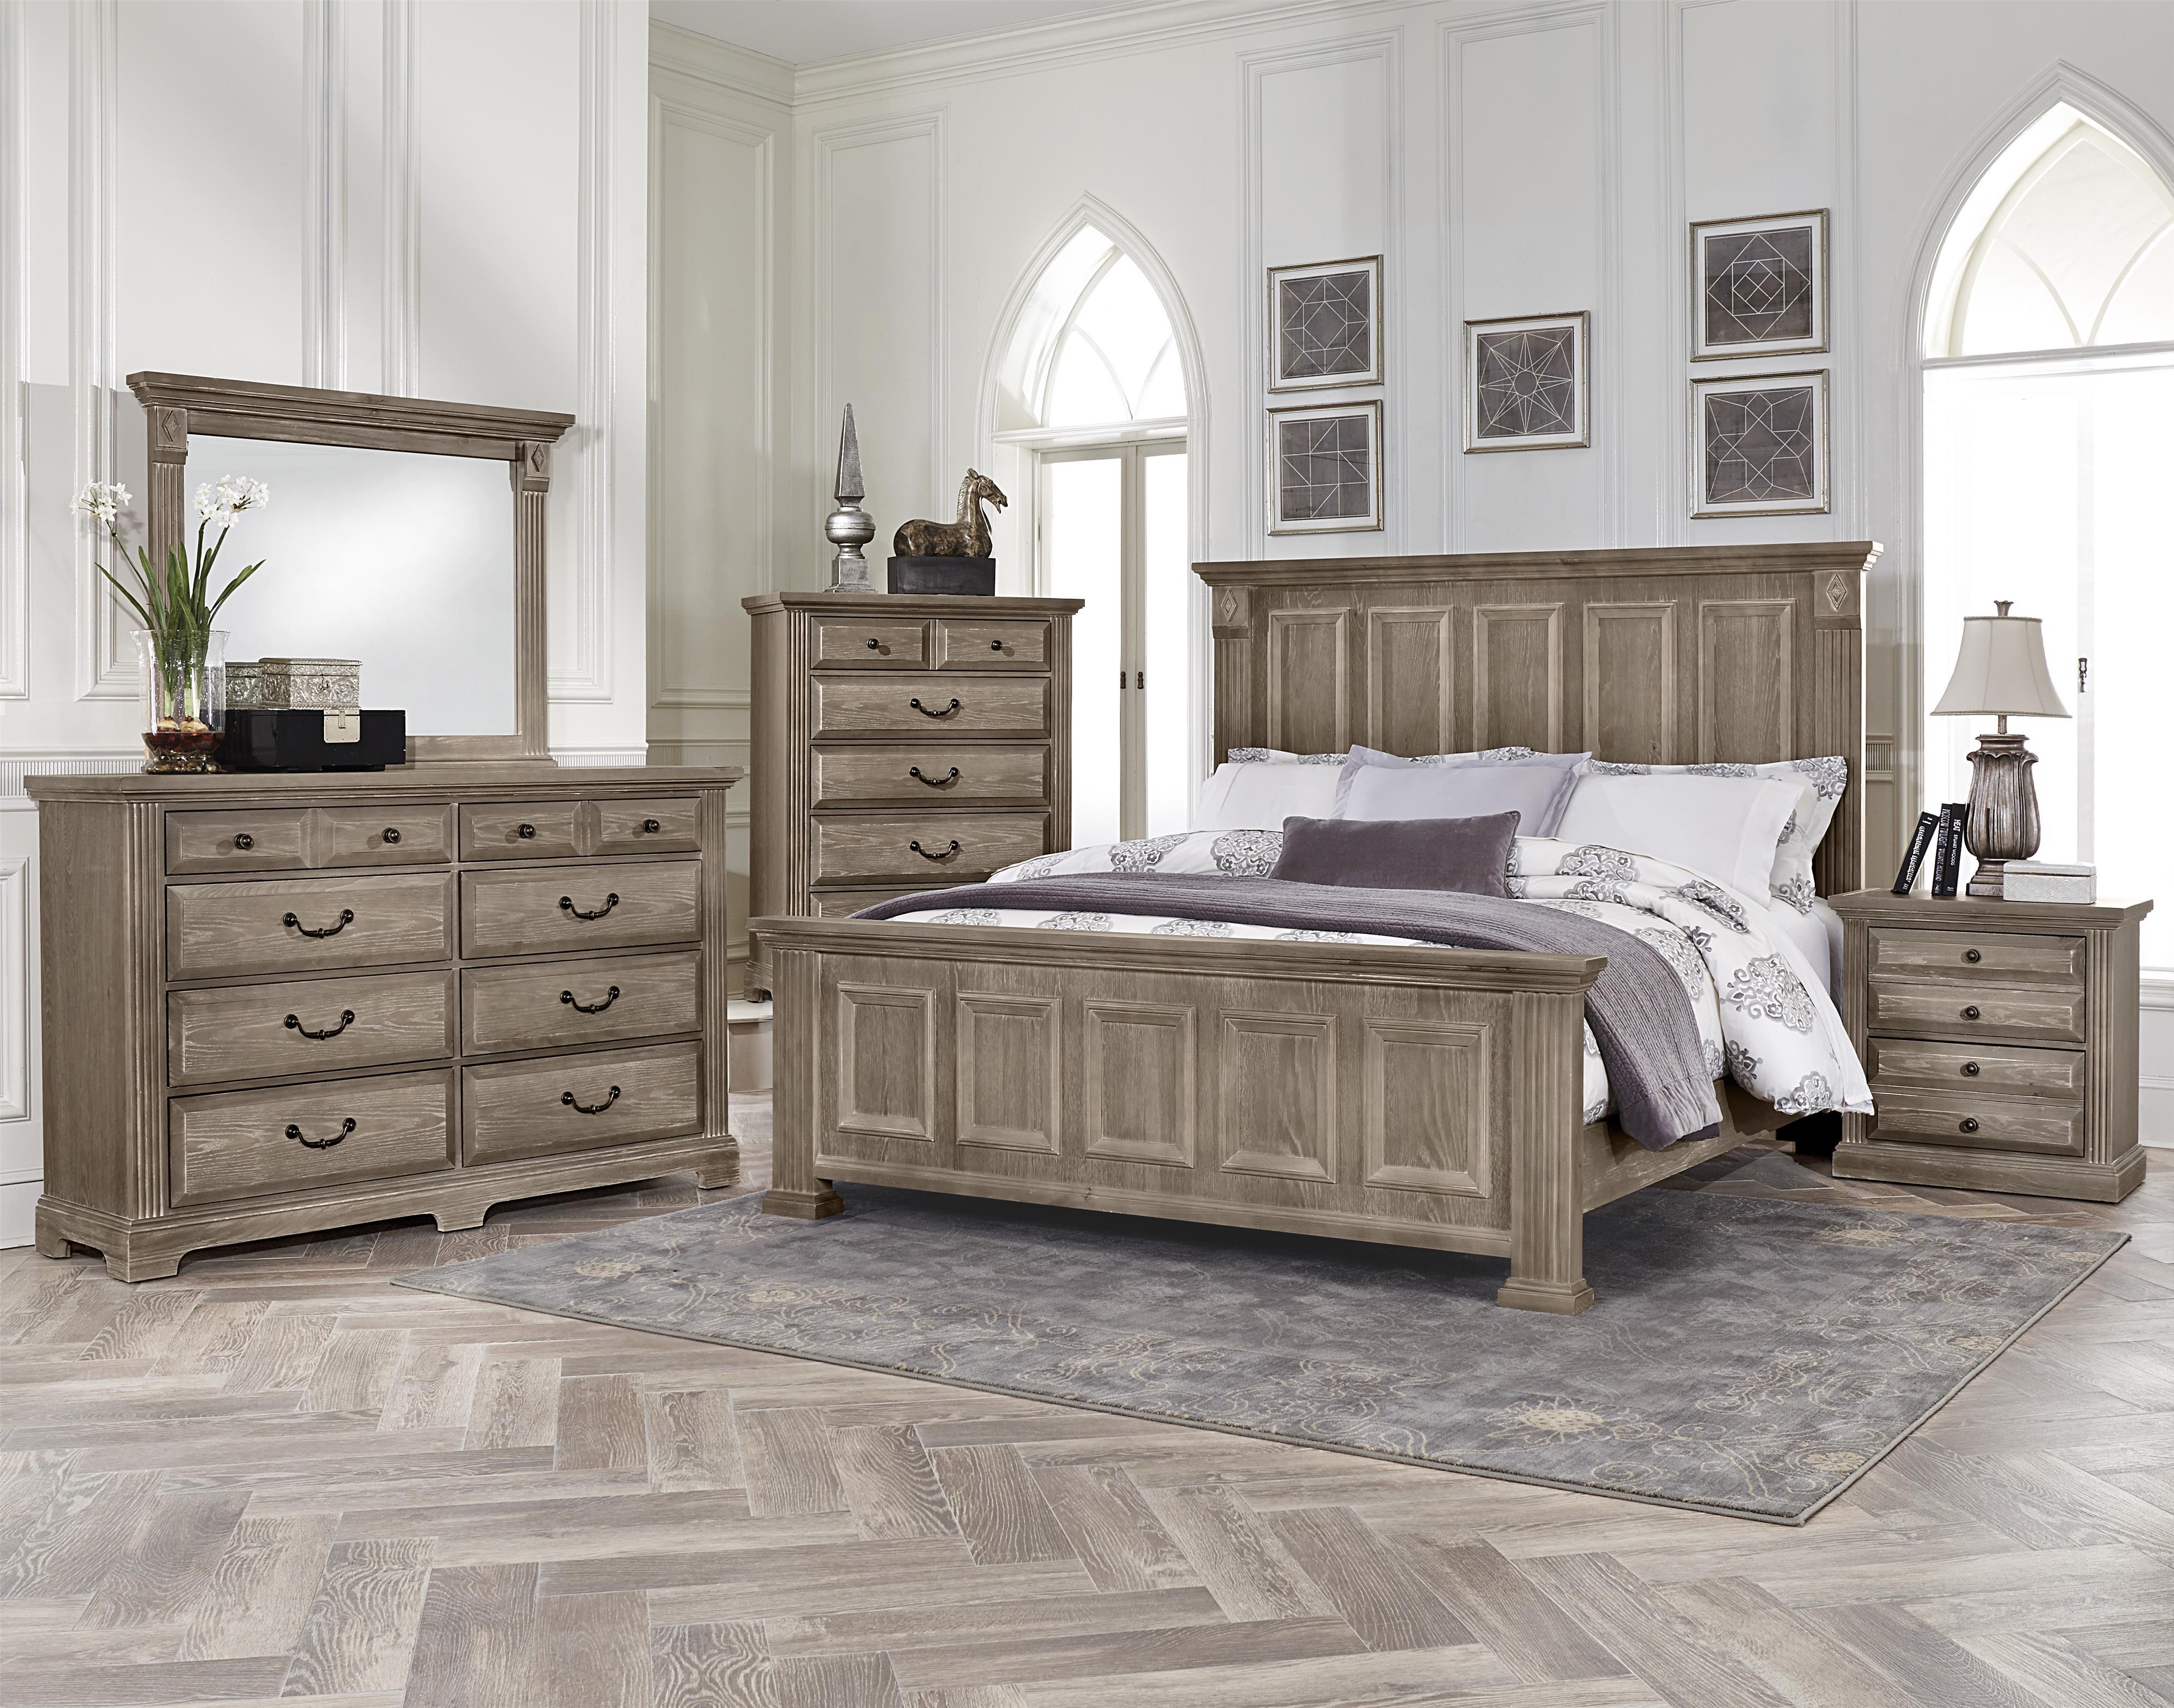 vaughan bassett woodlands king bedroom group belfort furniture bedroom groups. Black Bedroom Furniture Sets. Home Design Ideas